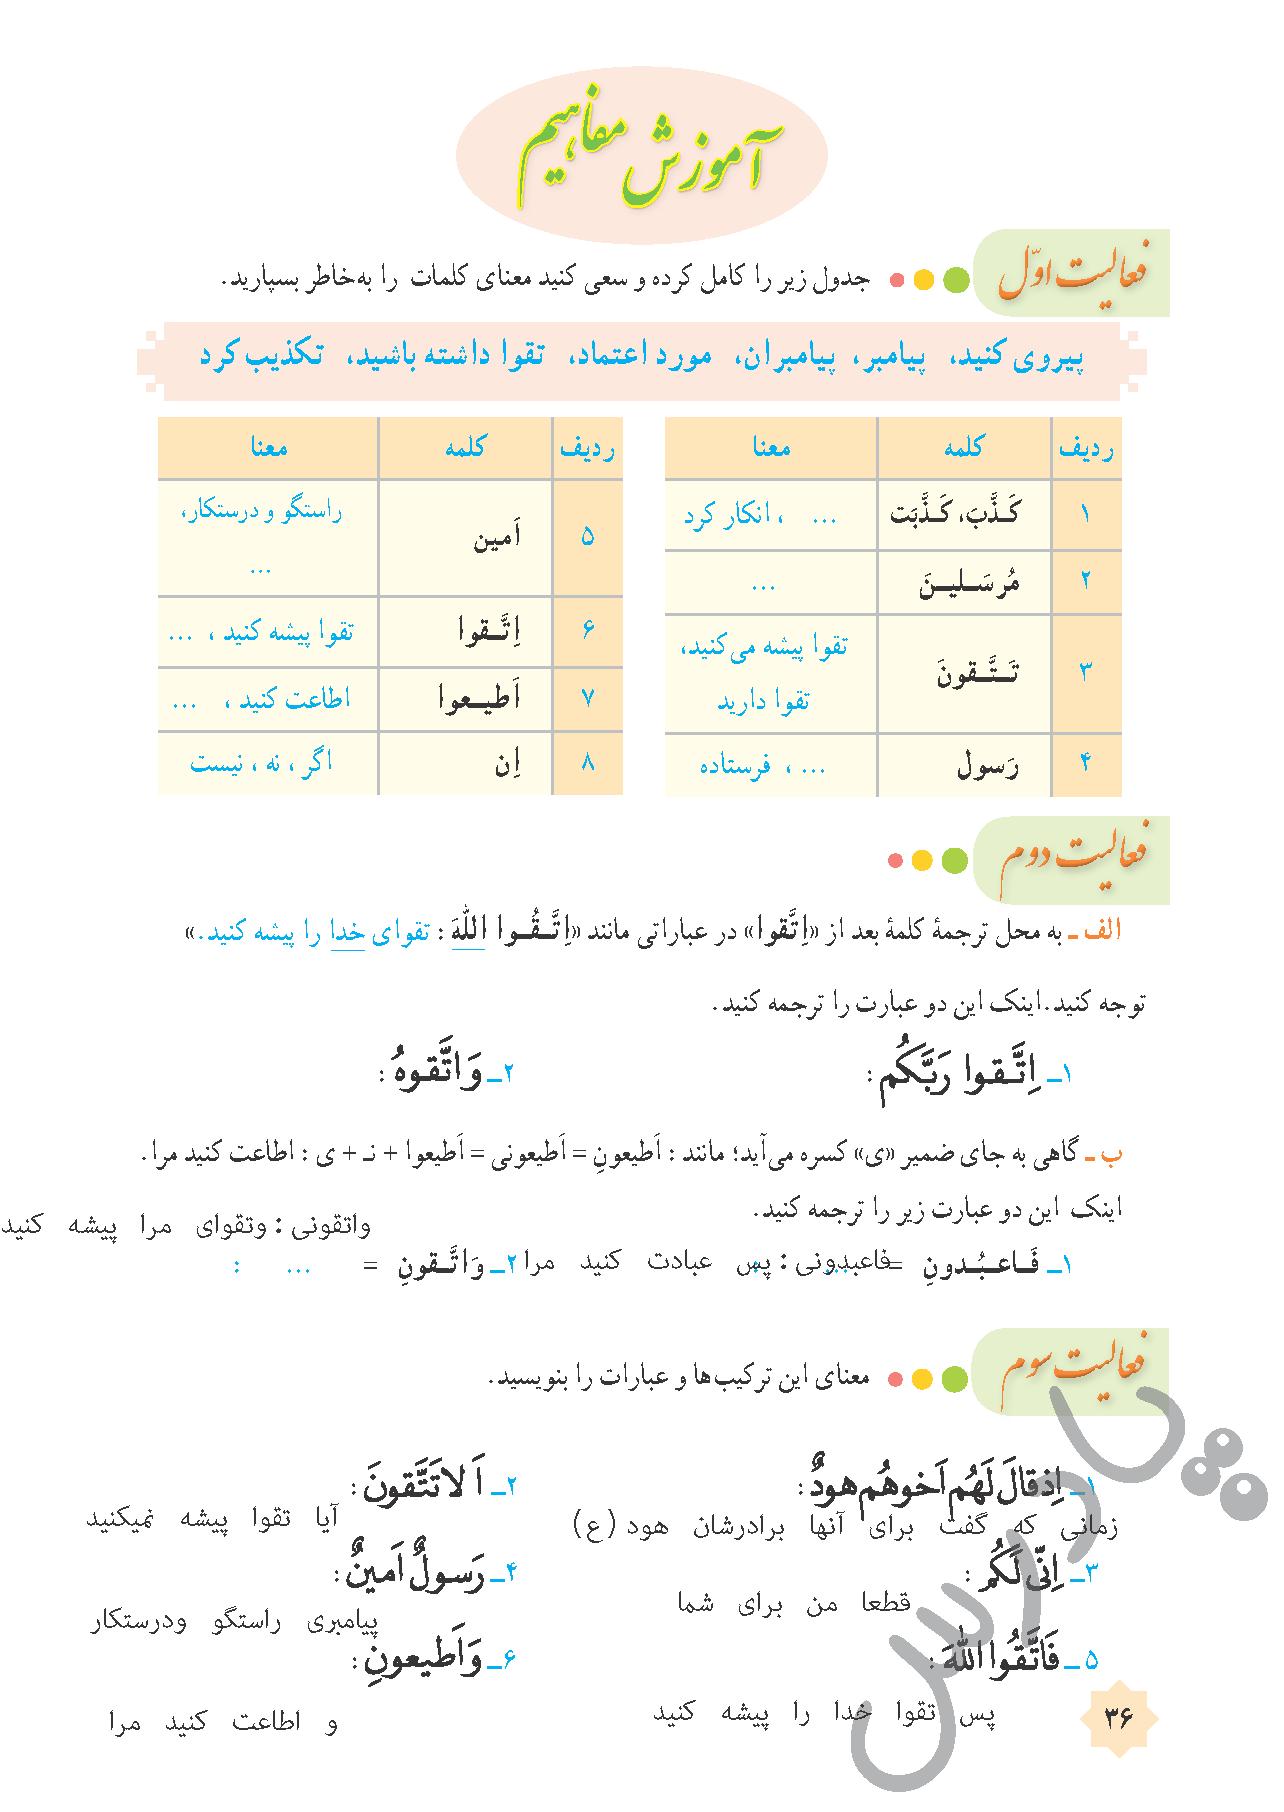 پاسخ فعالیت درس 3 قرآن هشتم - جلسه دوم